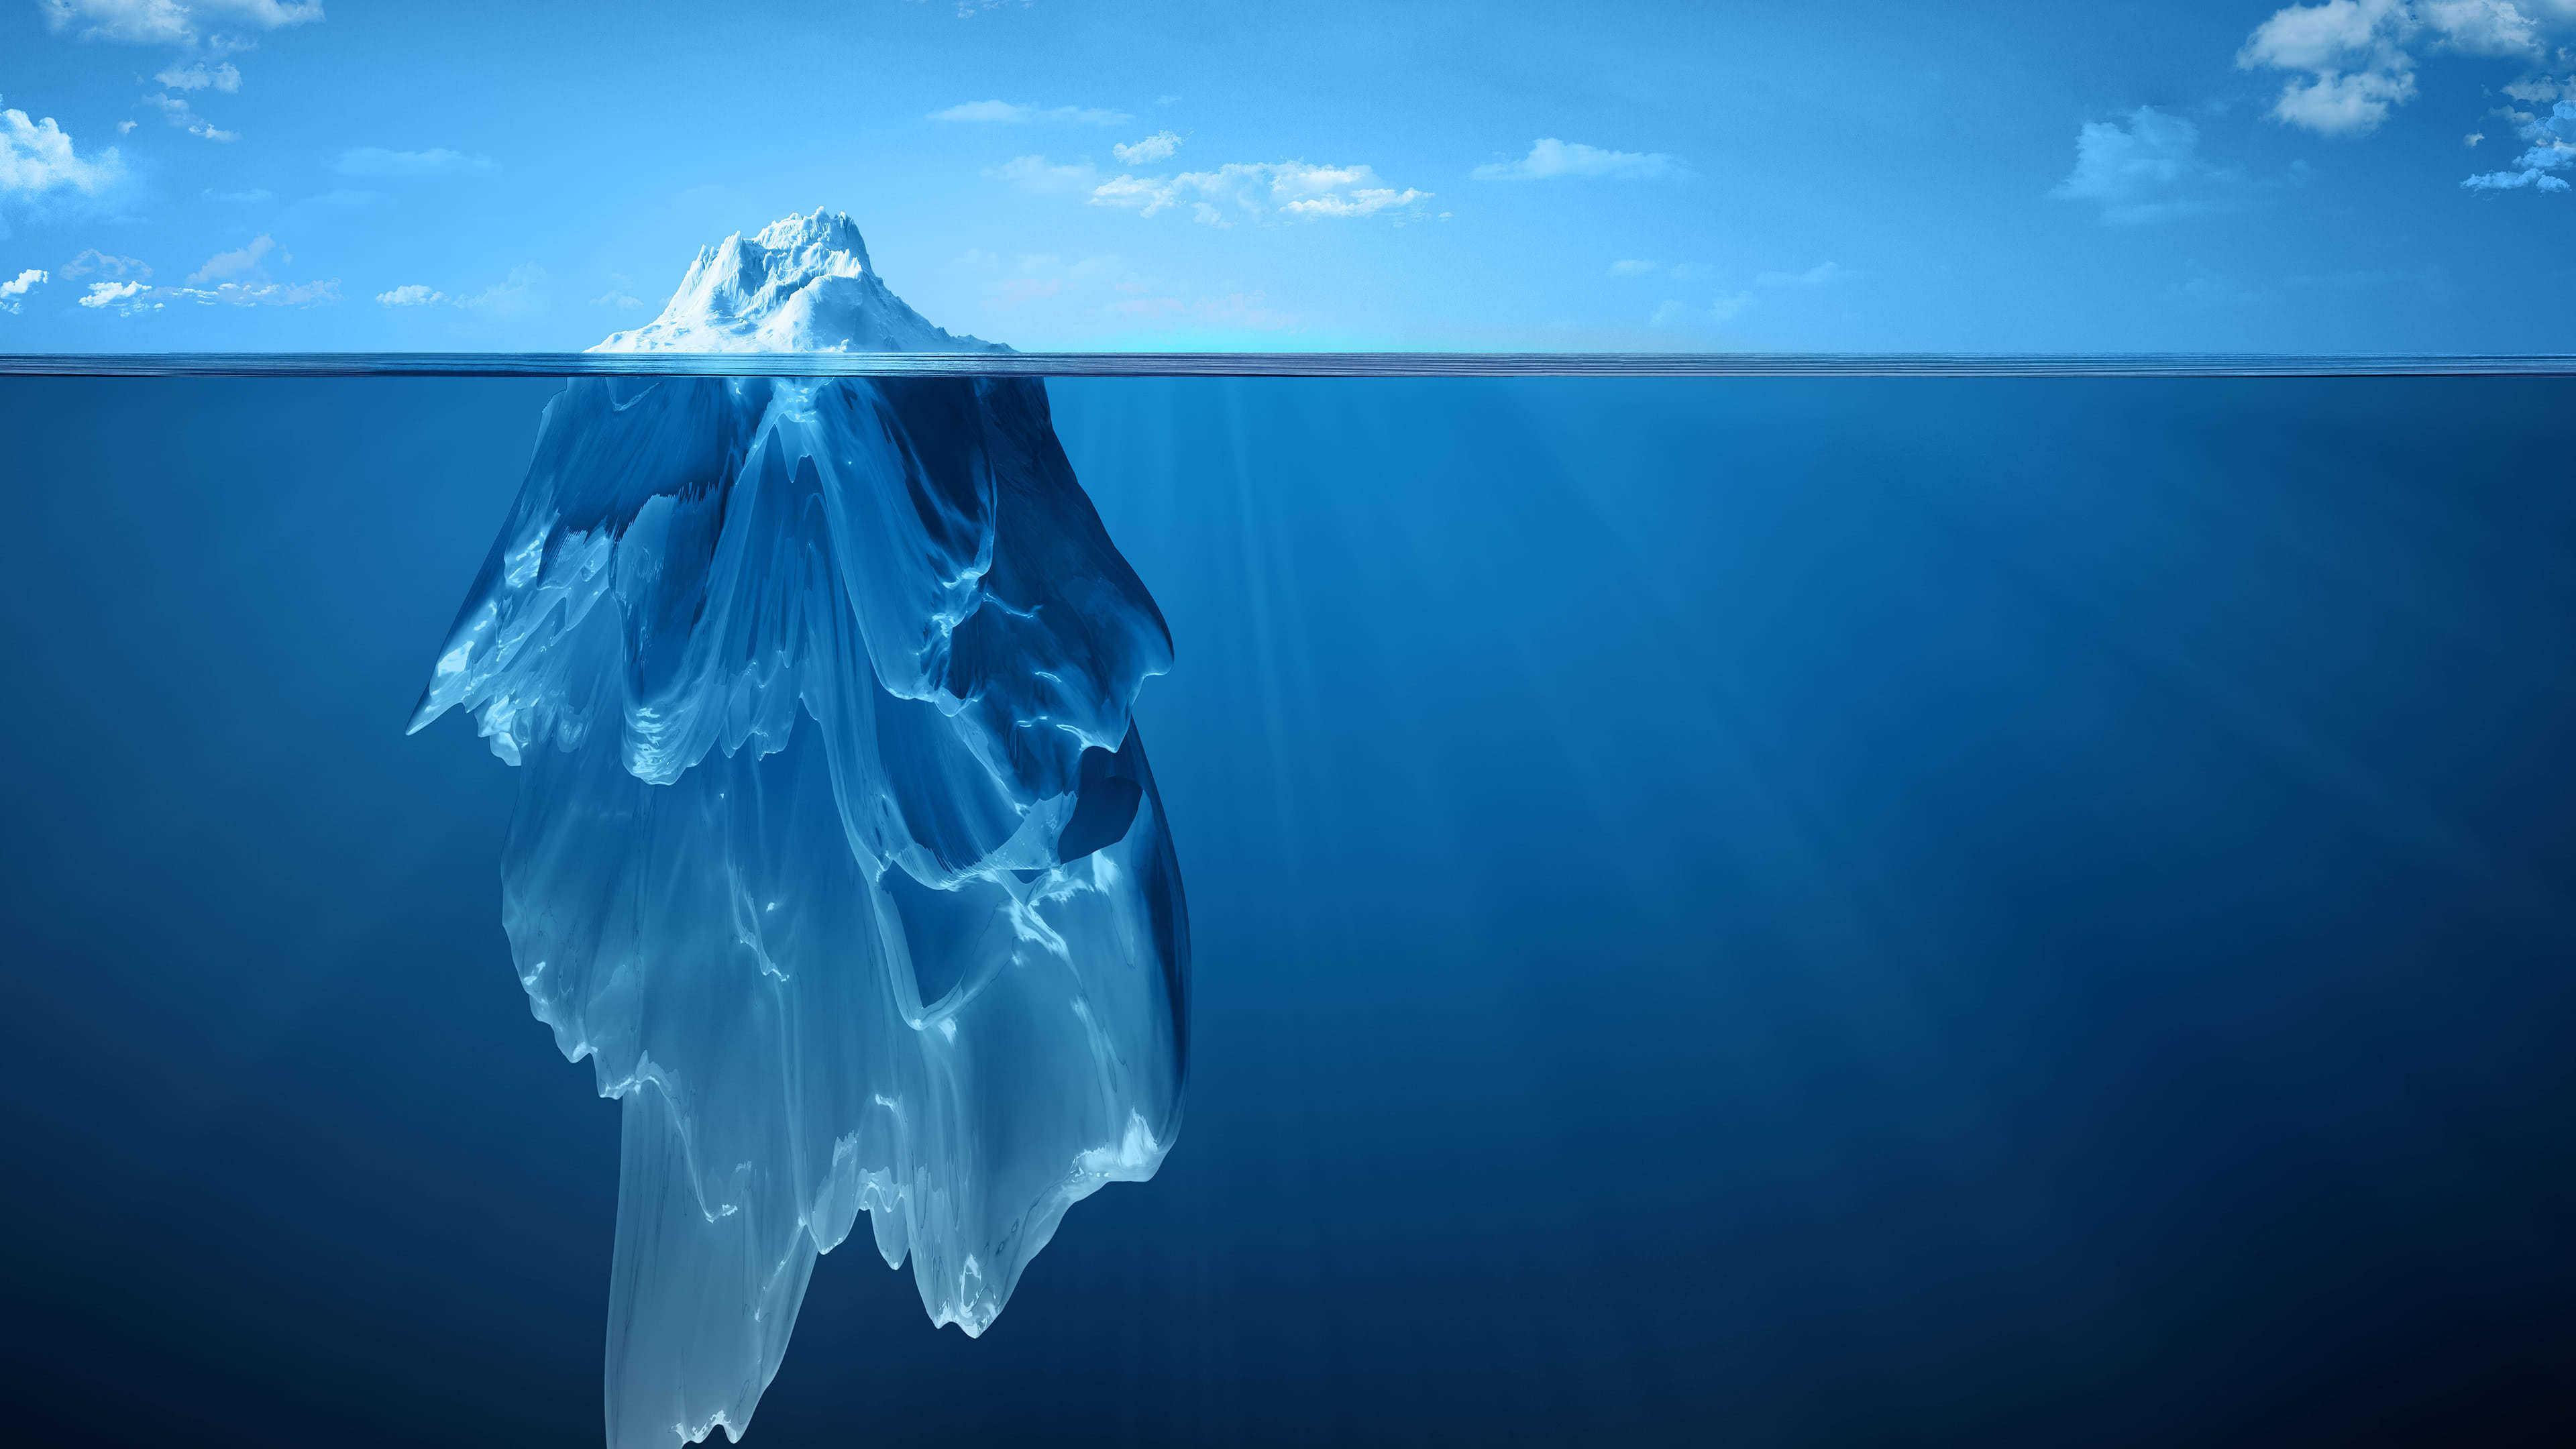 iceberg uhd 4k wallpaper